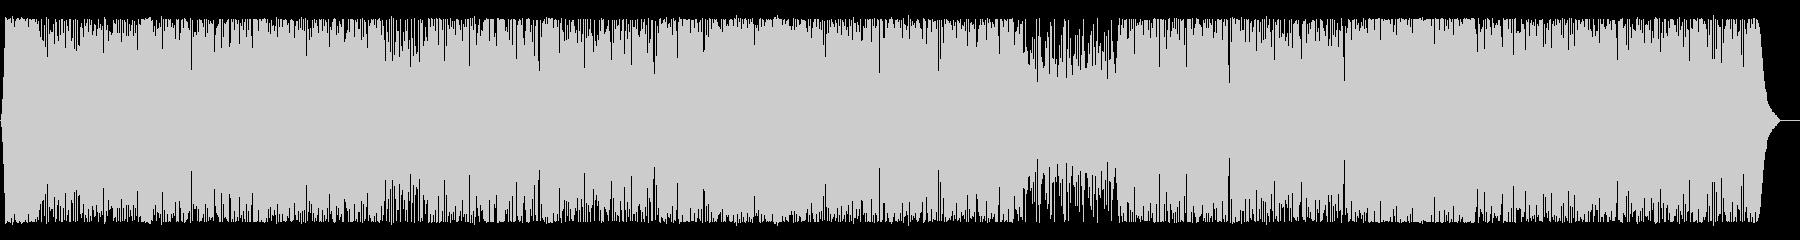 活動的で軽やかなイメージのBGMの未再生の波形